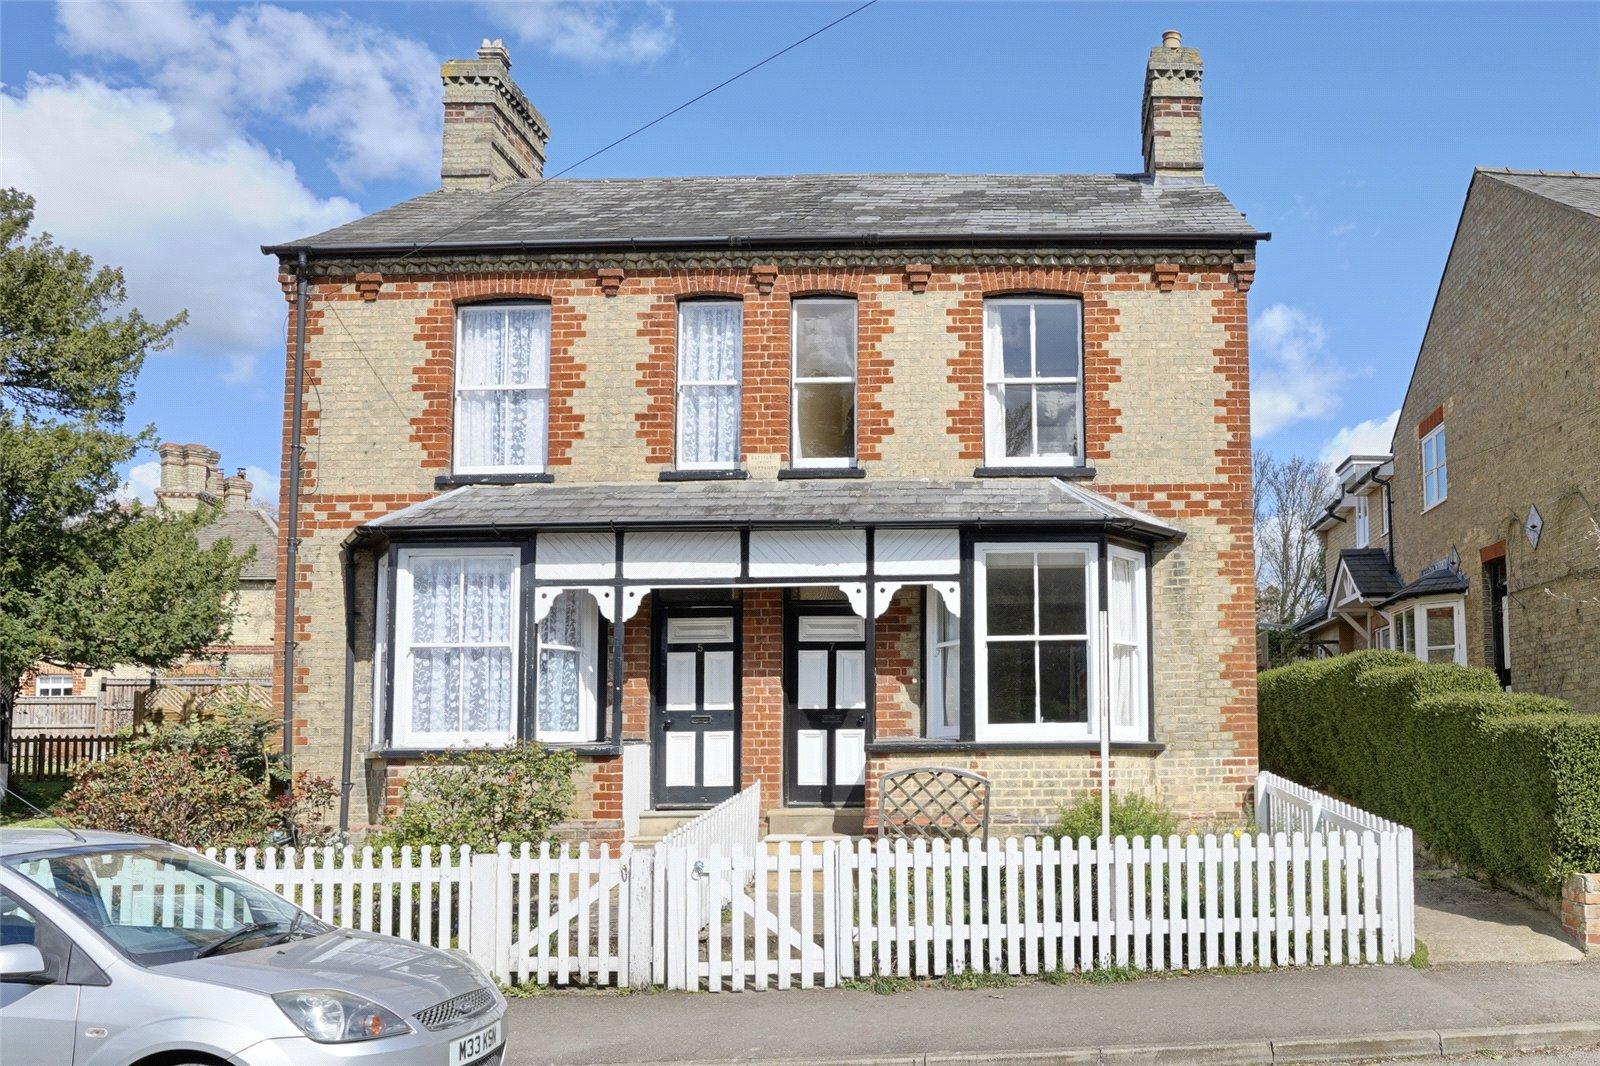 3 bed house for sale in Great Gransden, SG19 3AF, SG19